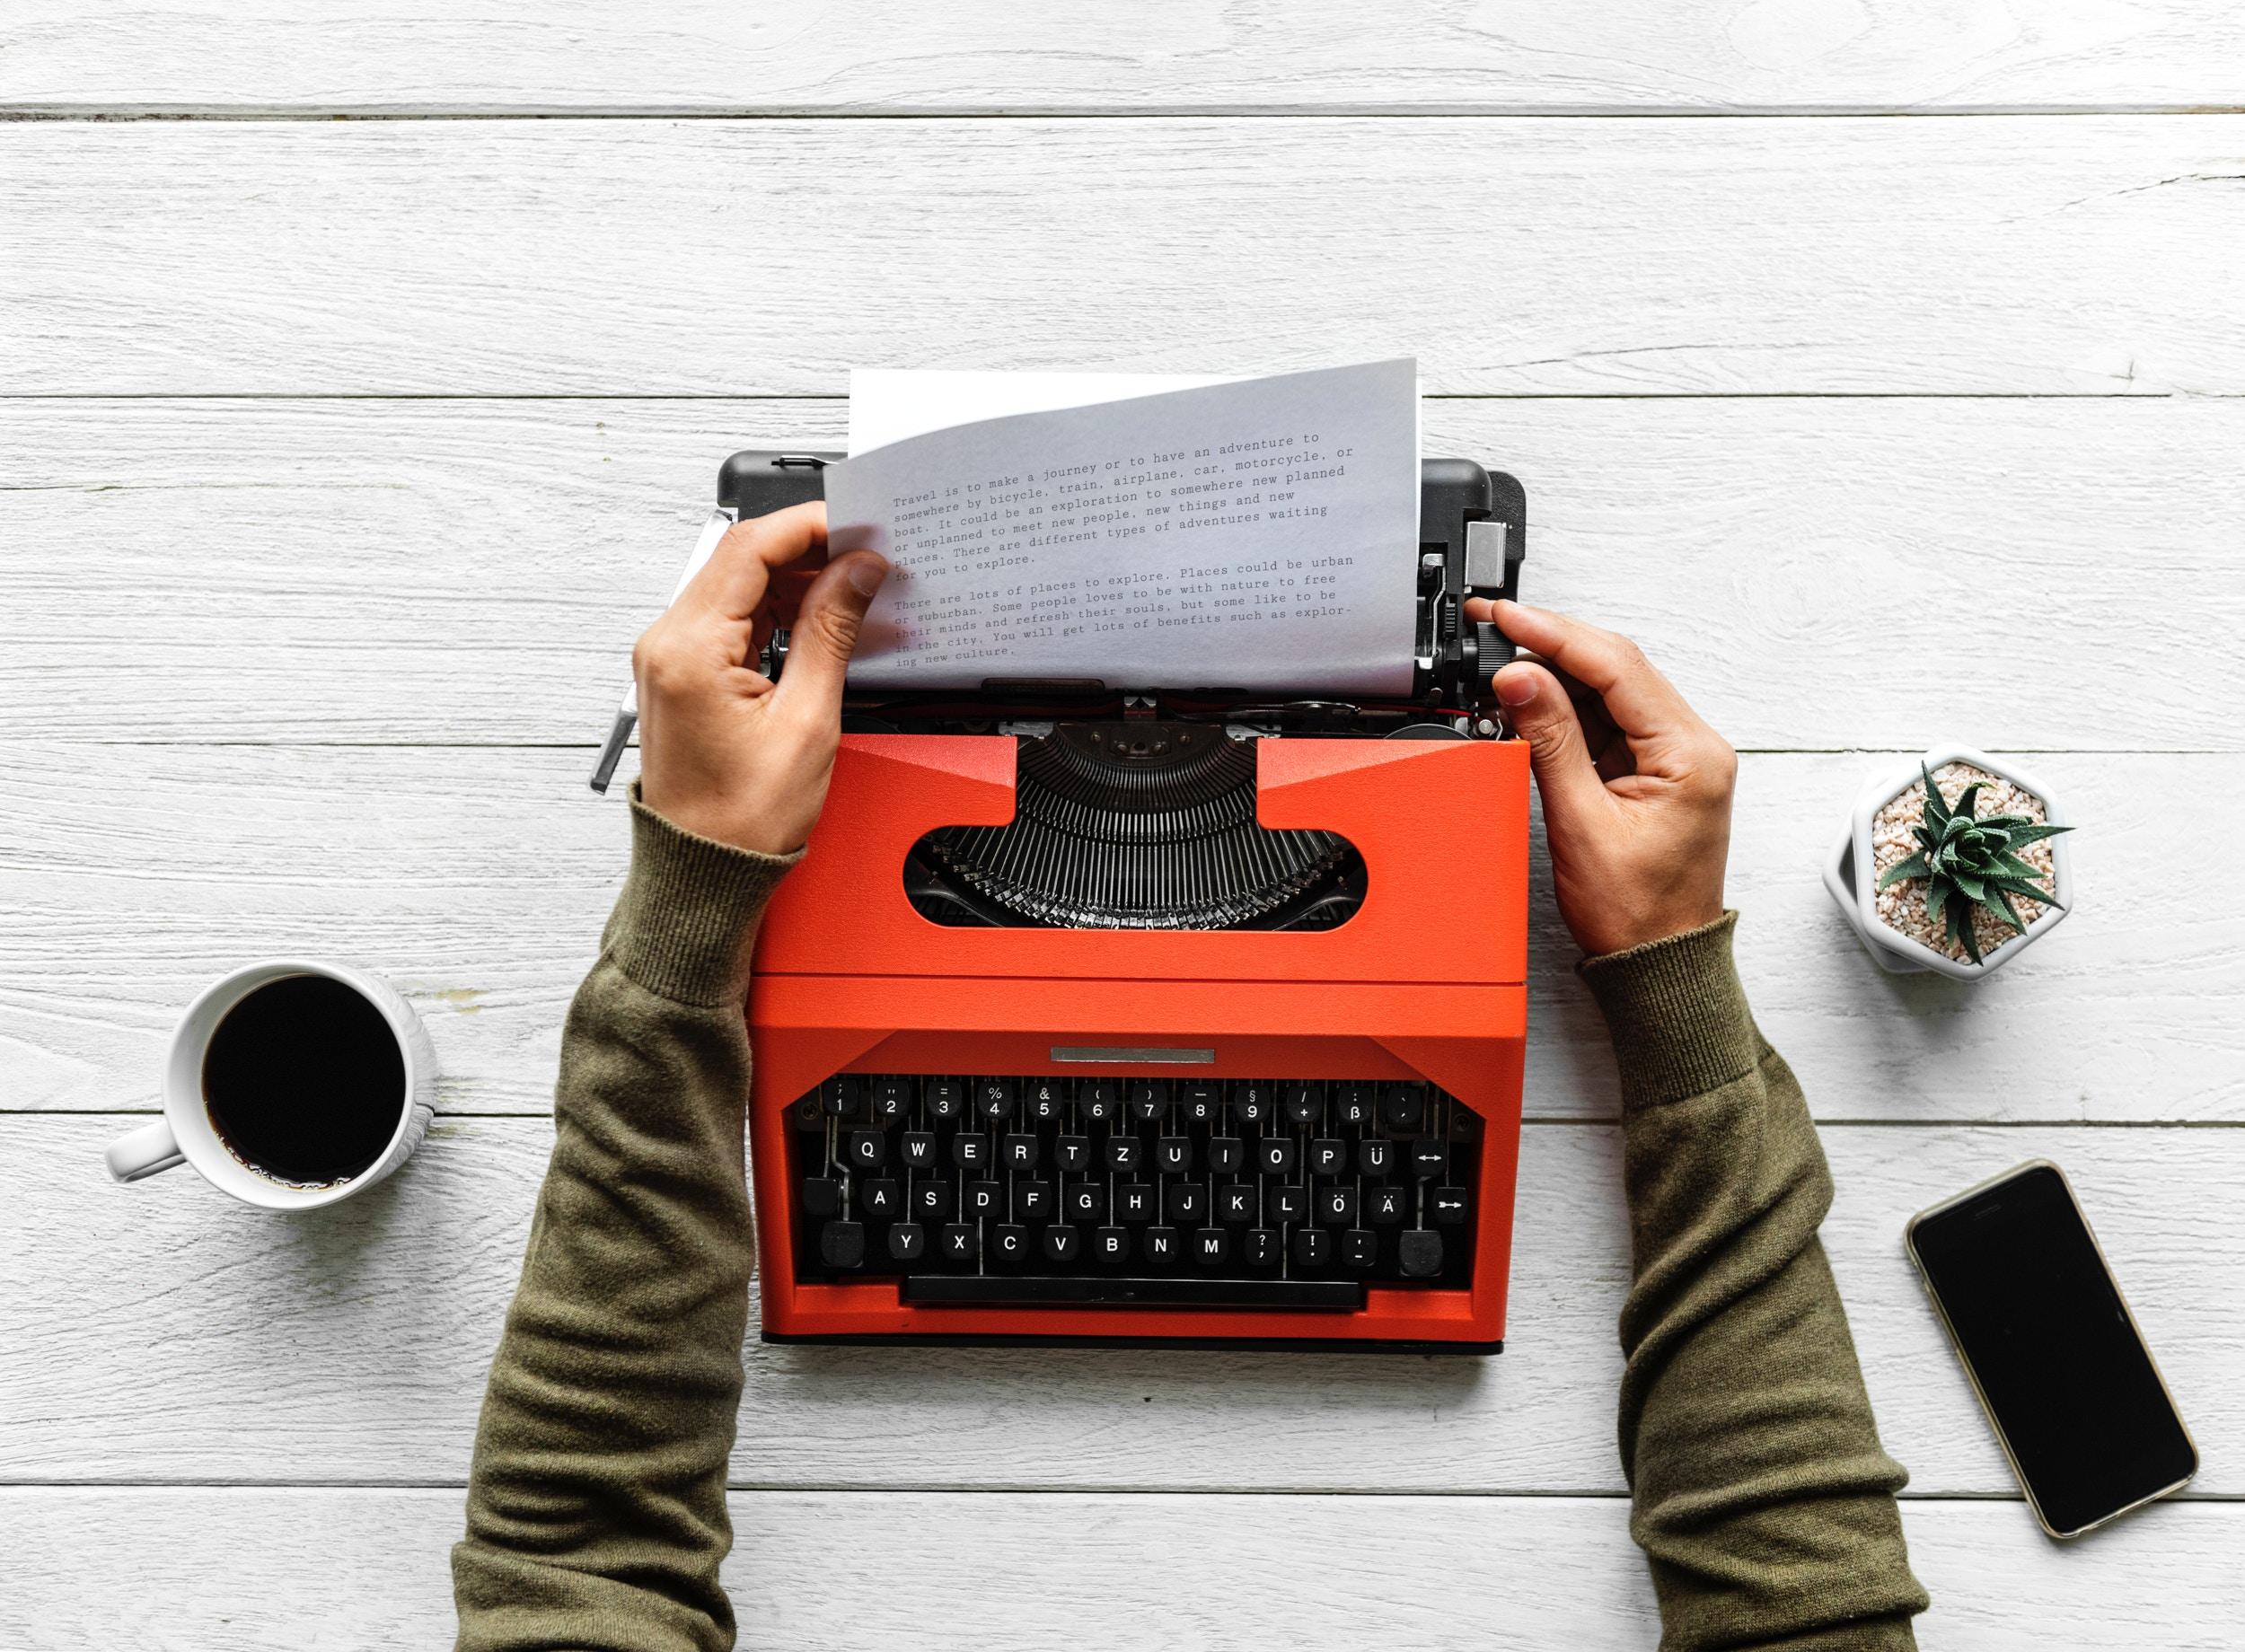 Typewriter photo by rawpixel